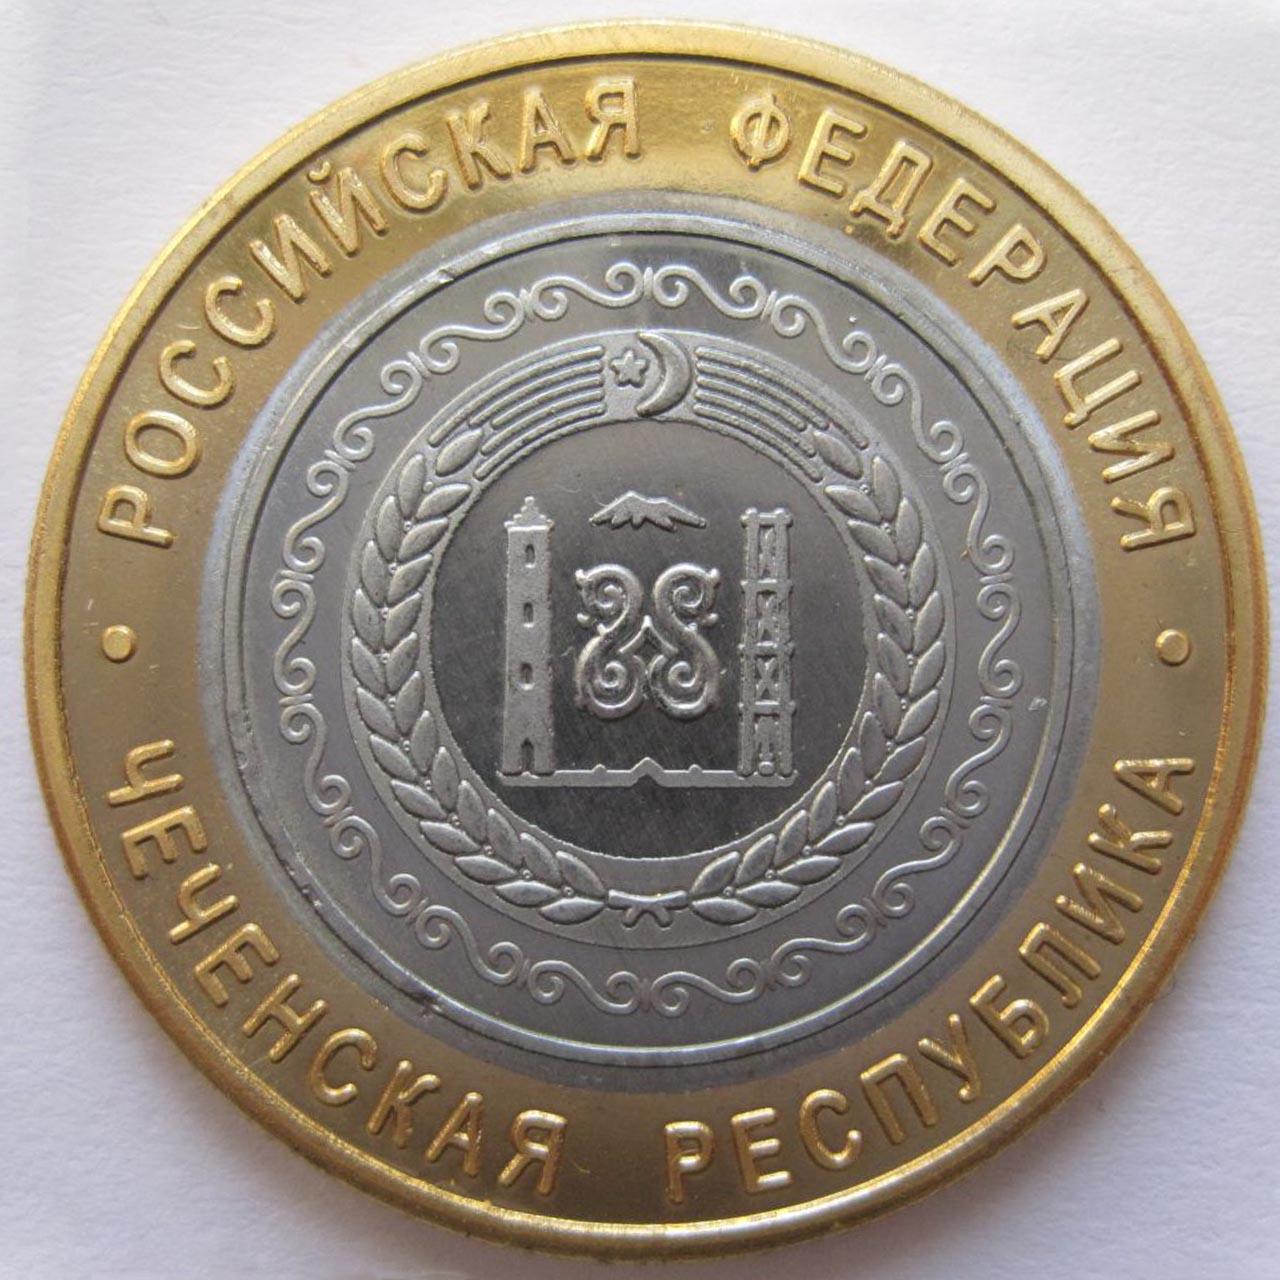 Стоимость 10 рублей 2010 постамат где купить